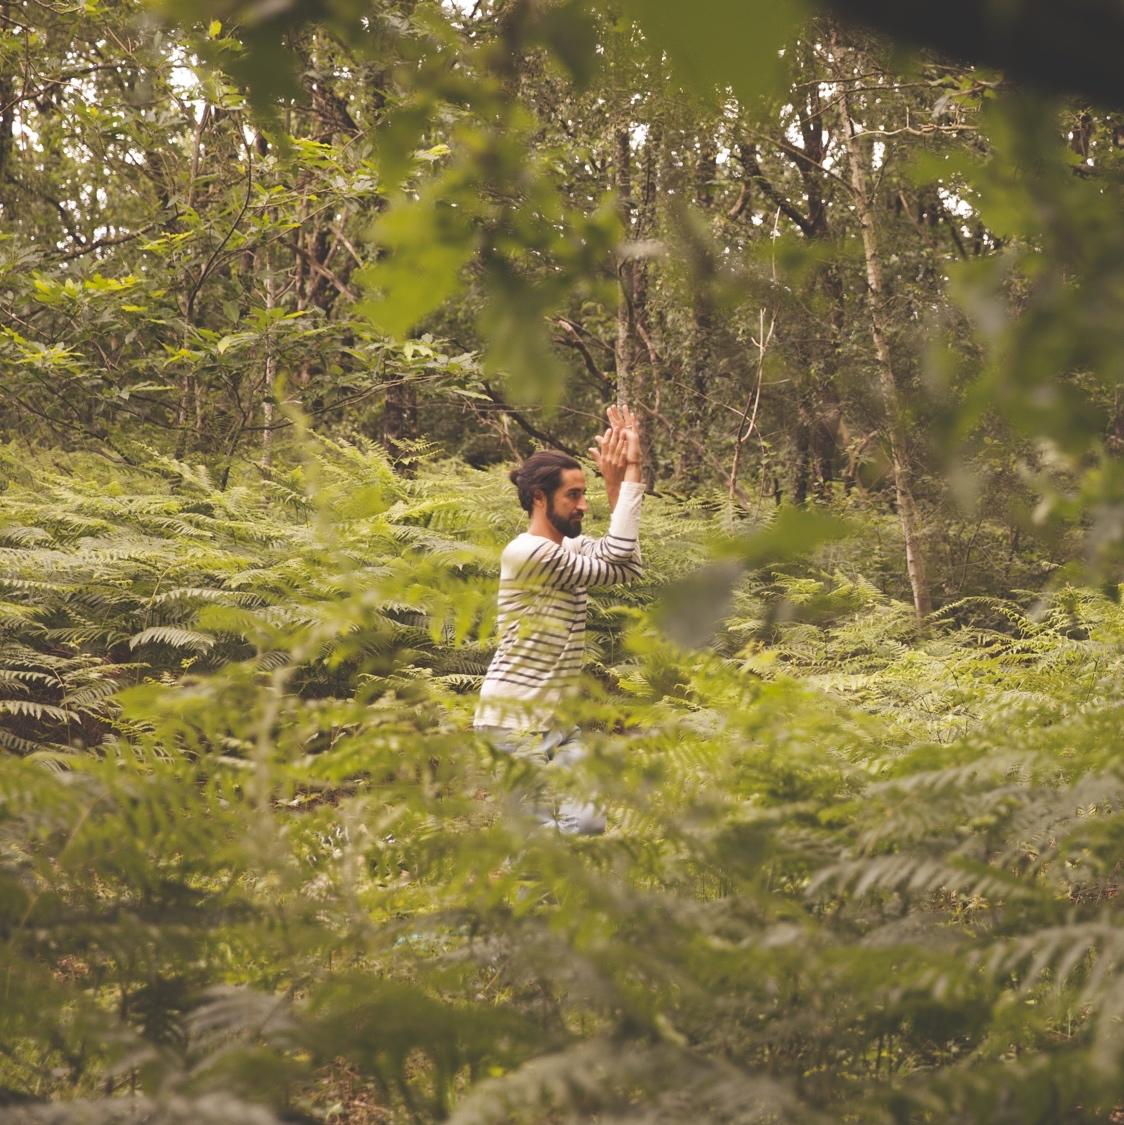 Rémy faisant la position de l'aigle dans la forêt